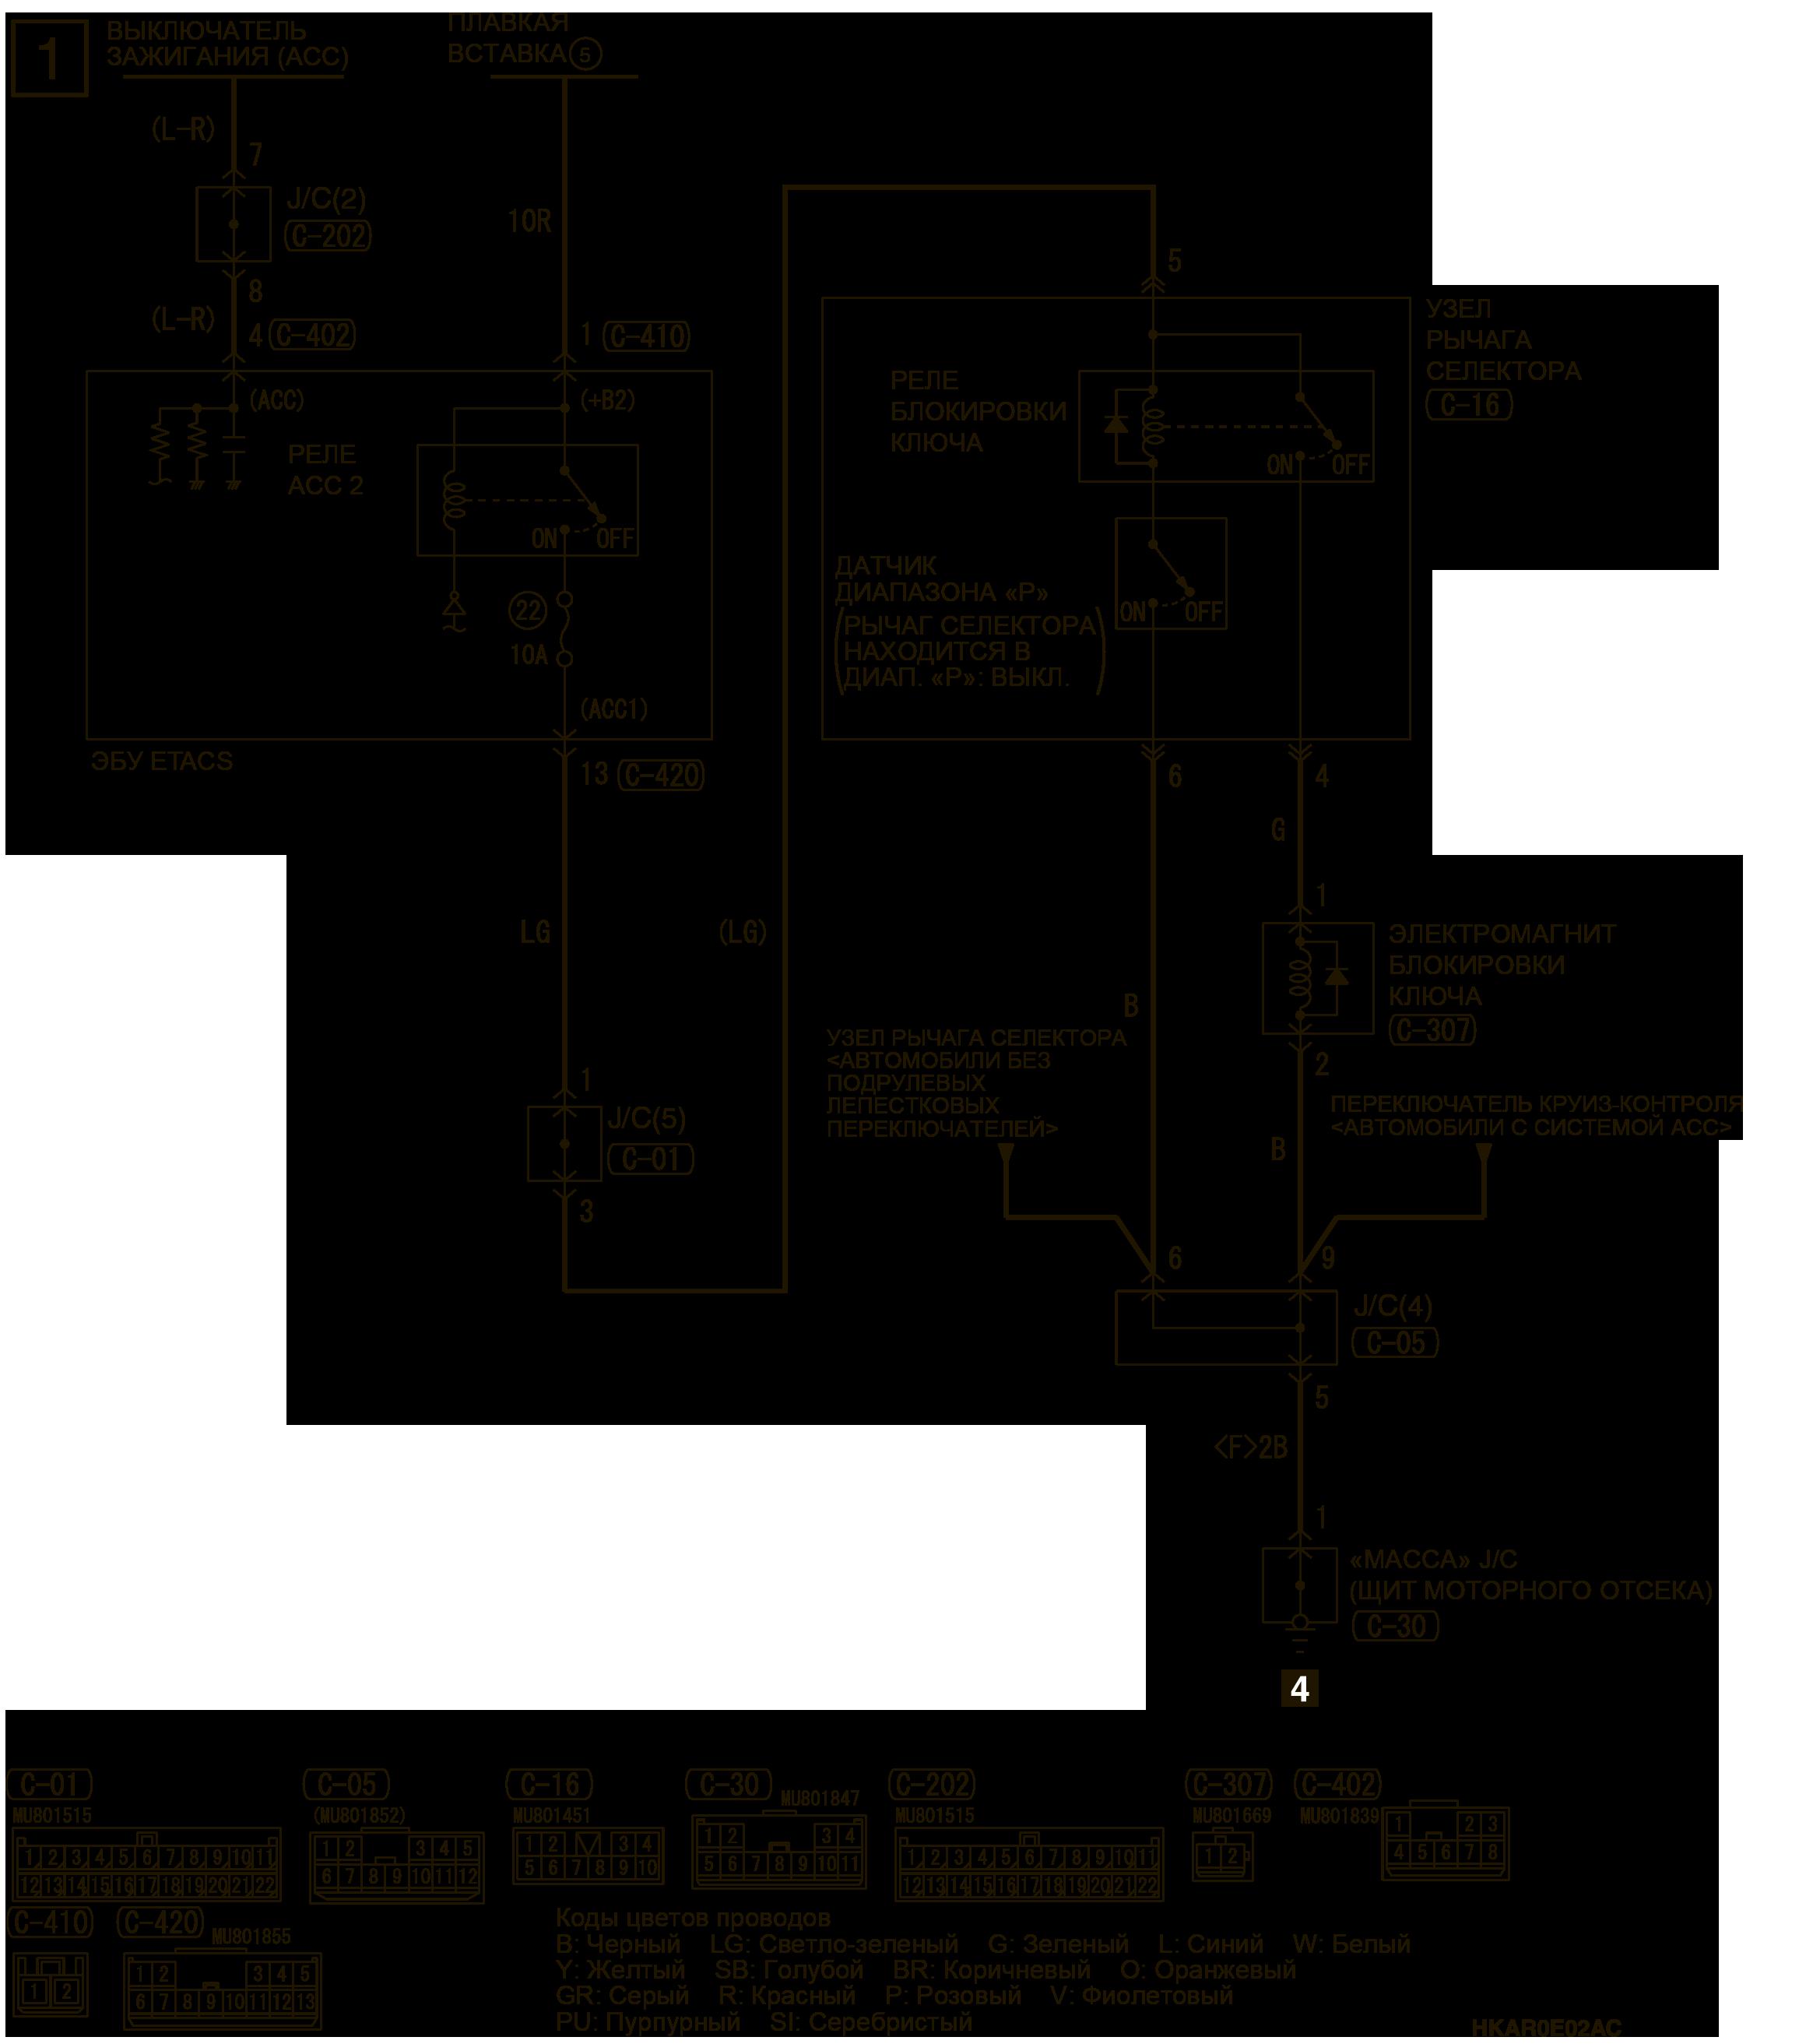 mmc аутлендер 3 2019 электросхемаБЛОКИРОВКА КЛЮЧА АВТОМОБИЛИ БЕЗ СИСТЕМЫ KOS (CVT)